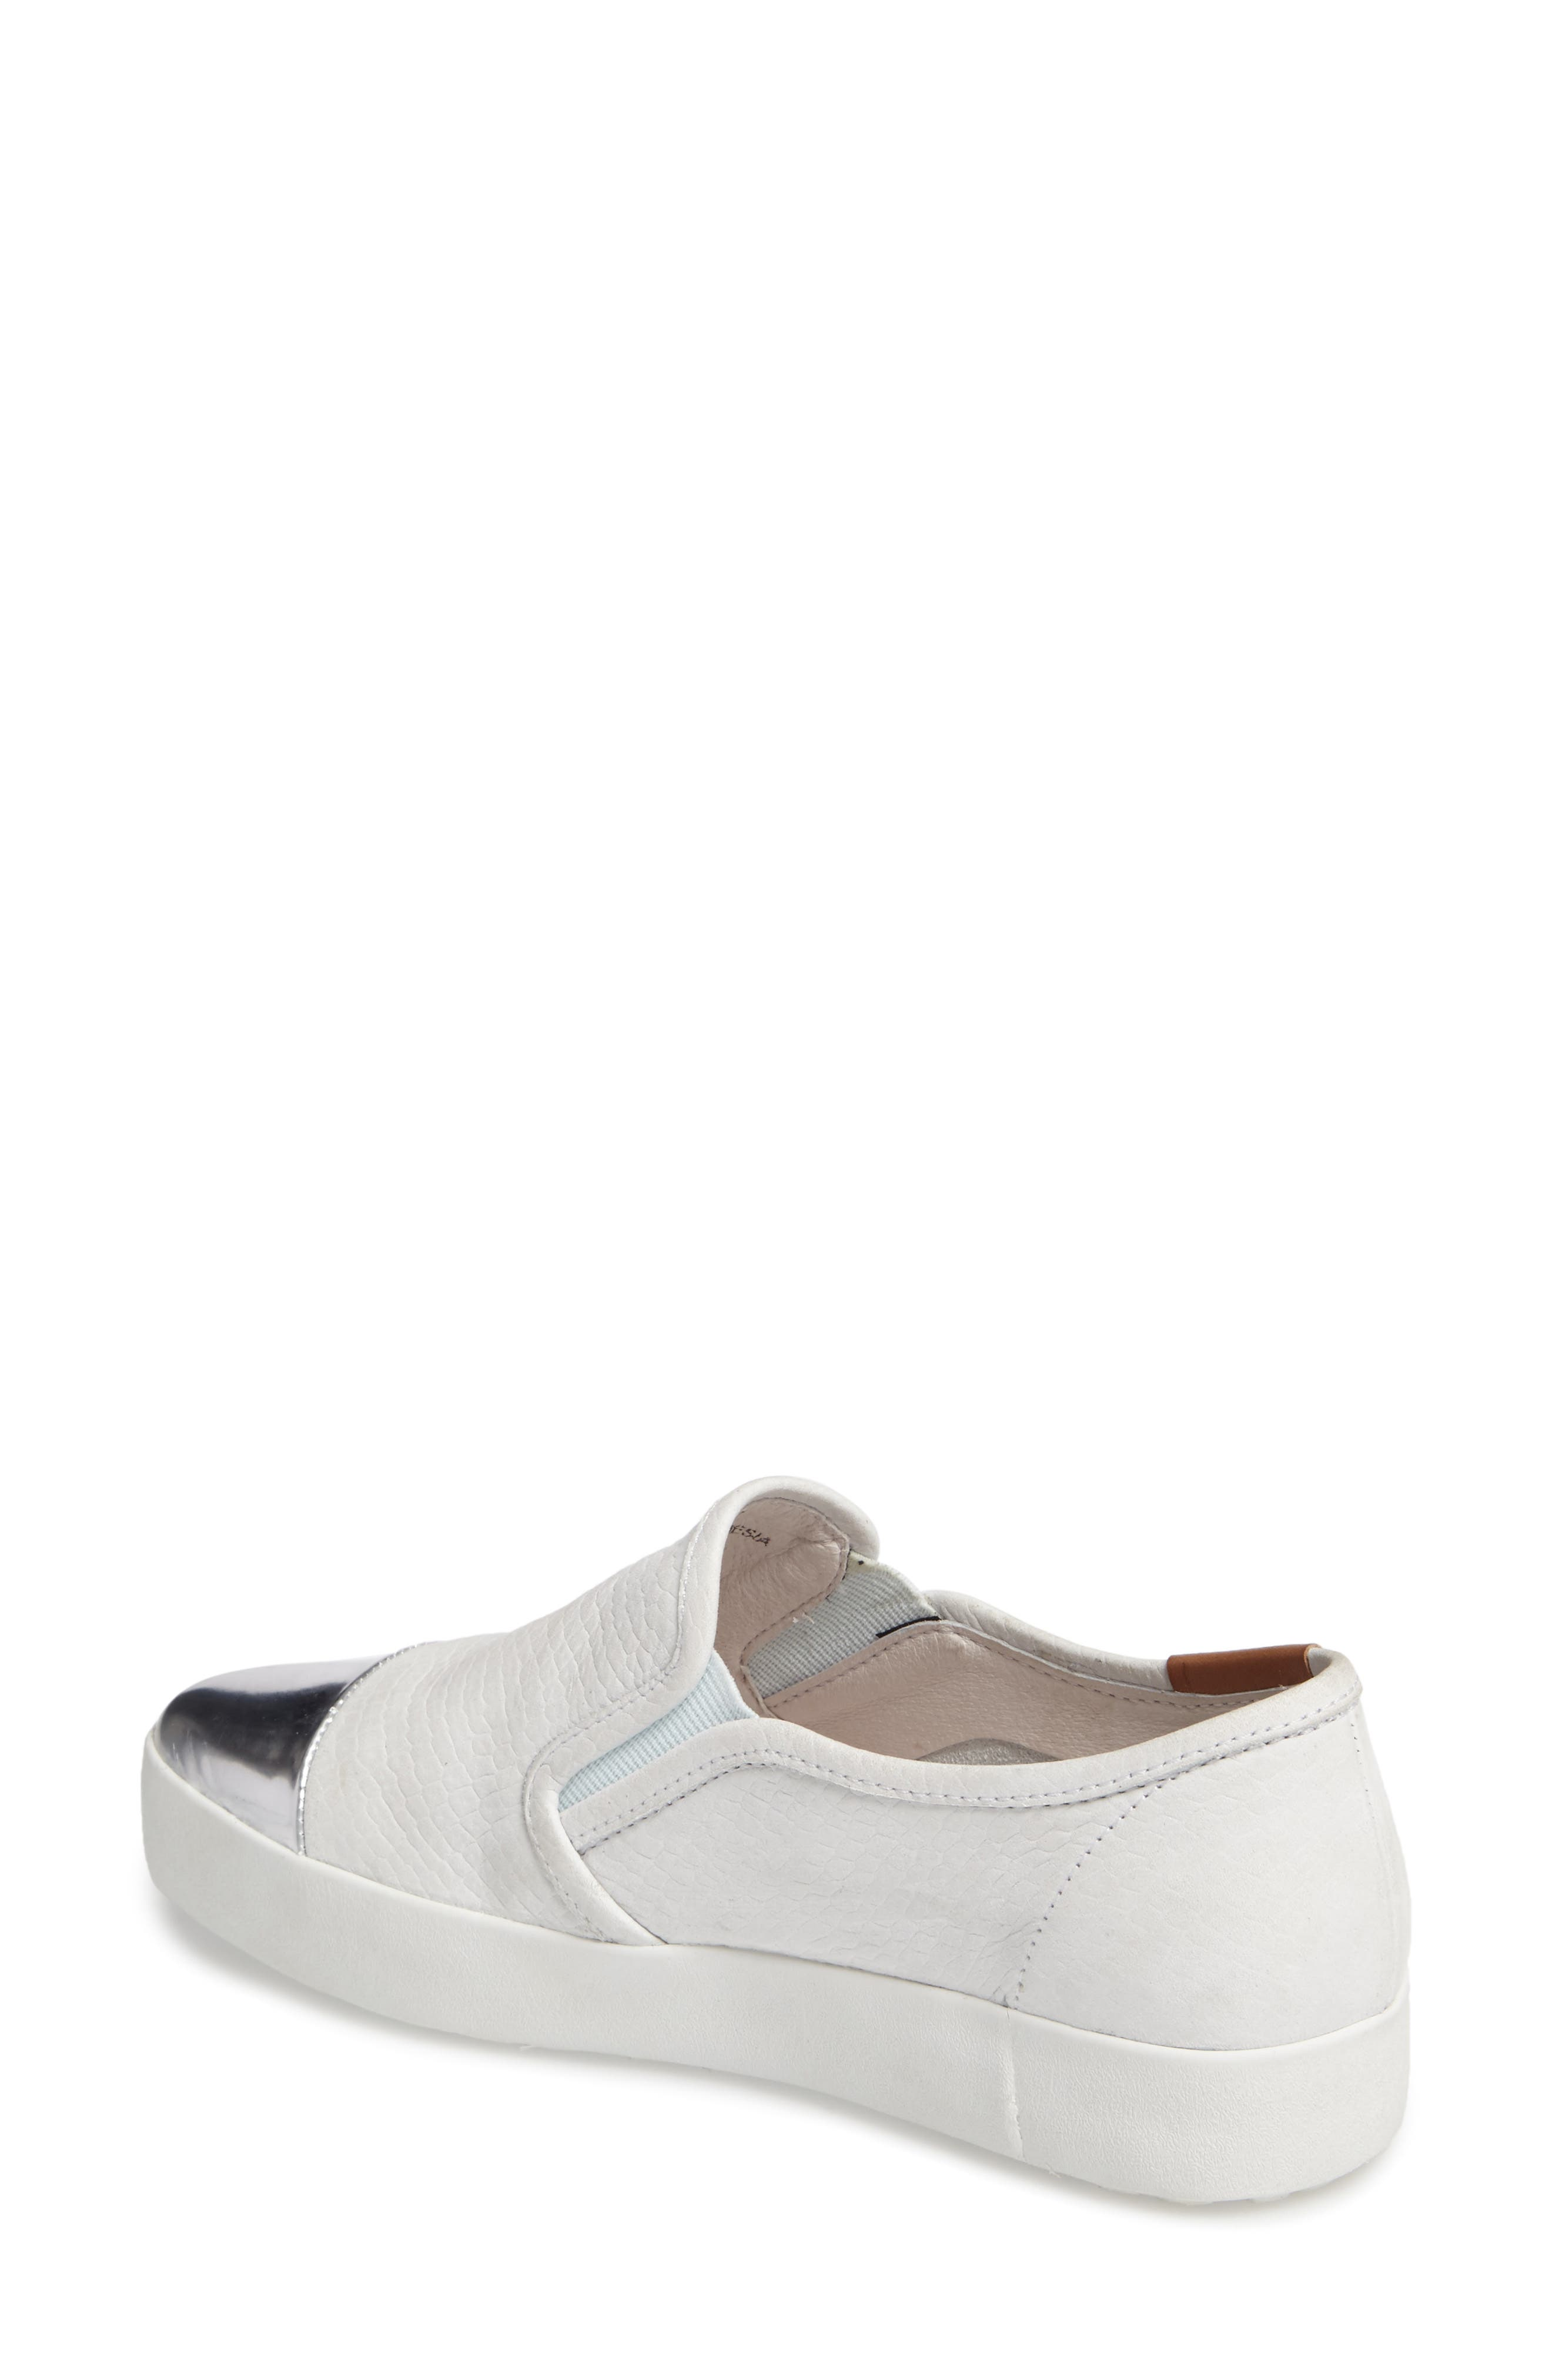 NL47 Slip-On Sneaker,                             Alternate thumbnail 4, color,